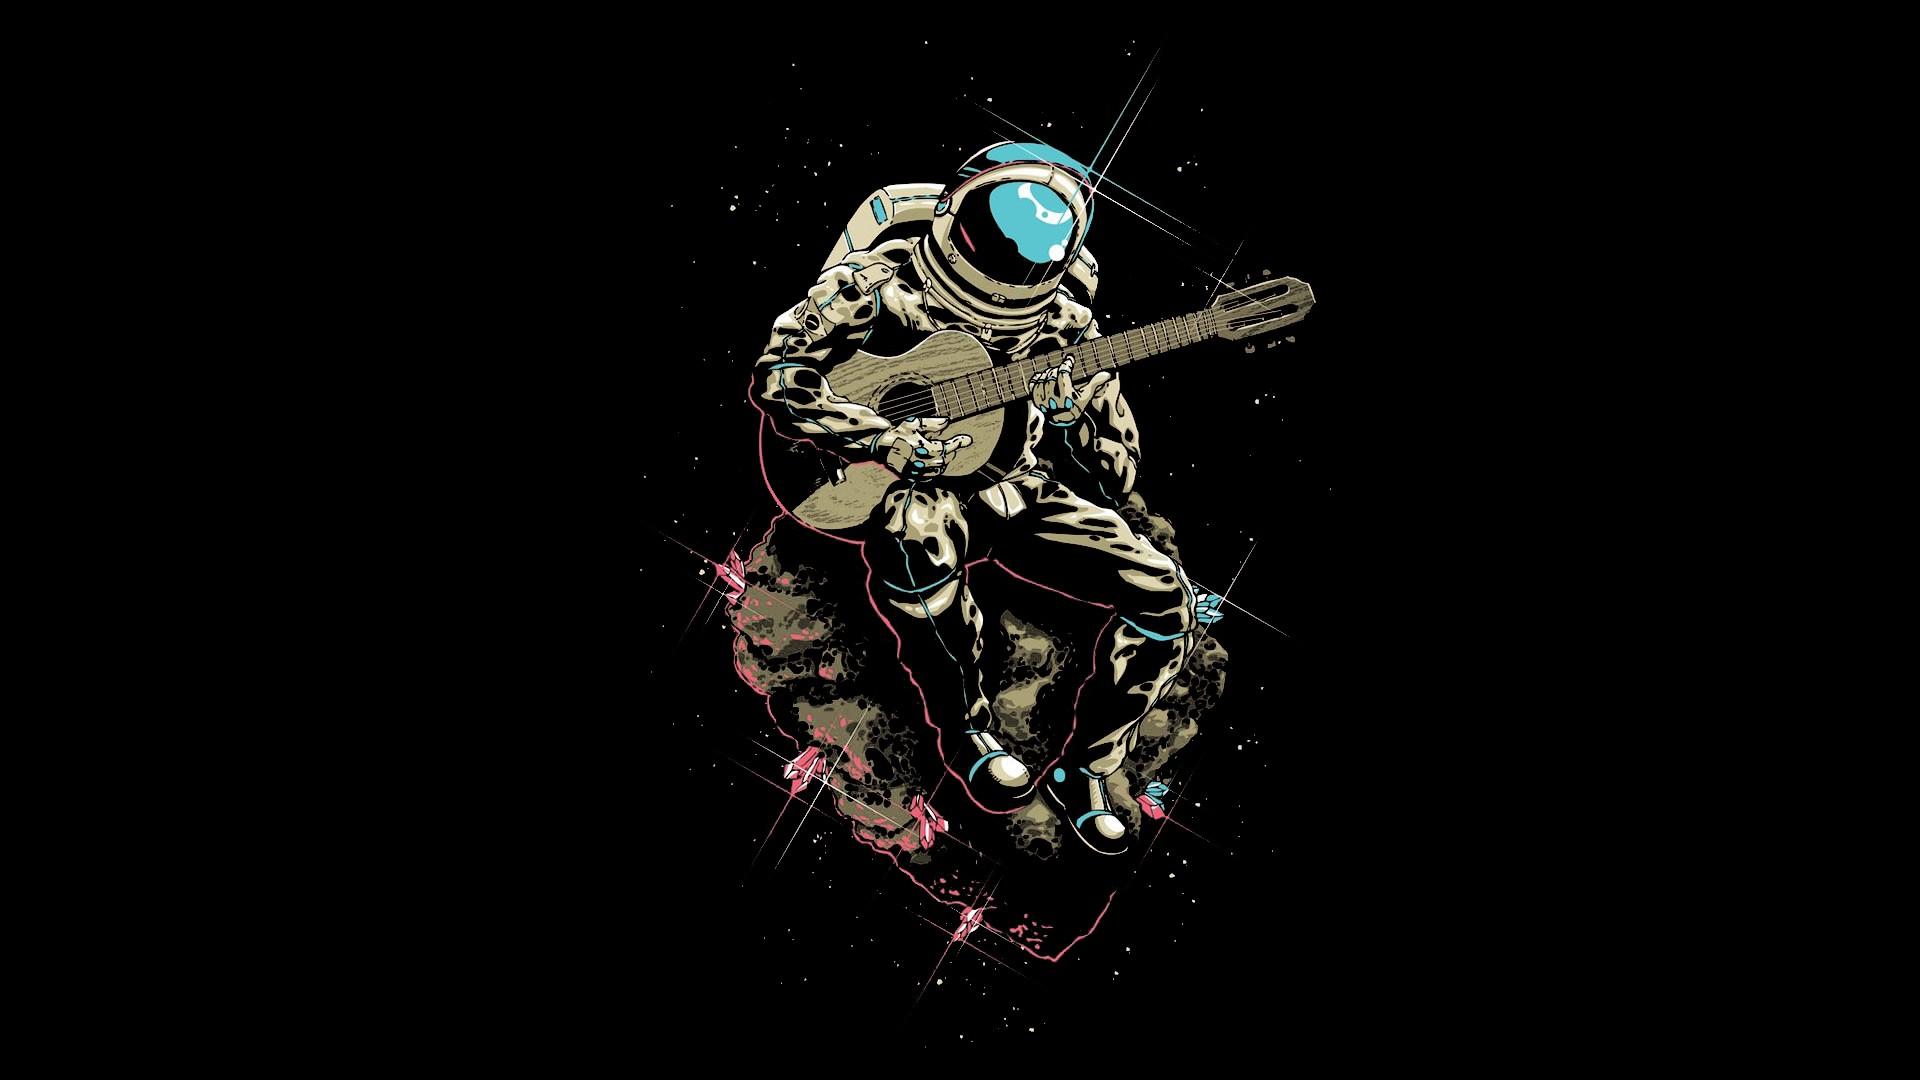 General 1920x1080 space astronaut guitar musician asteroid digital art spacesuit men helmet space suit playing music meteors sitting humor black background black Brazil cyan pink